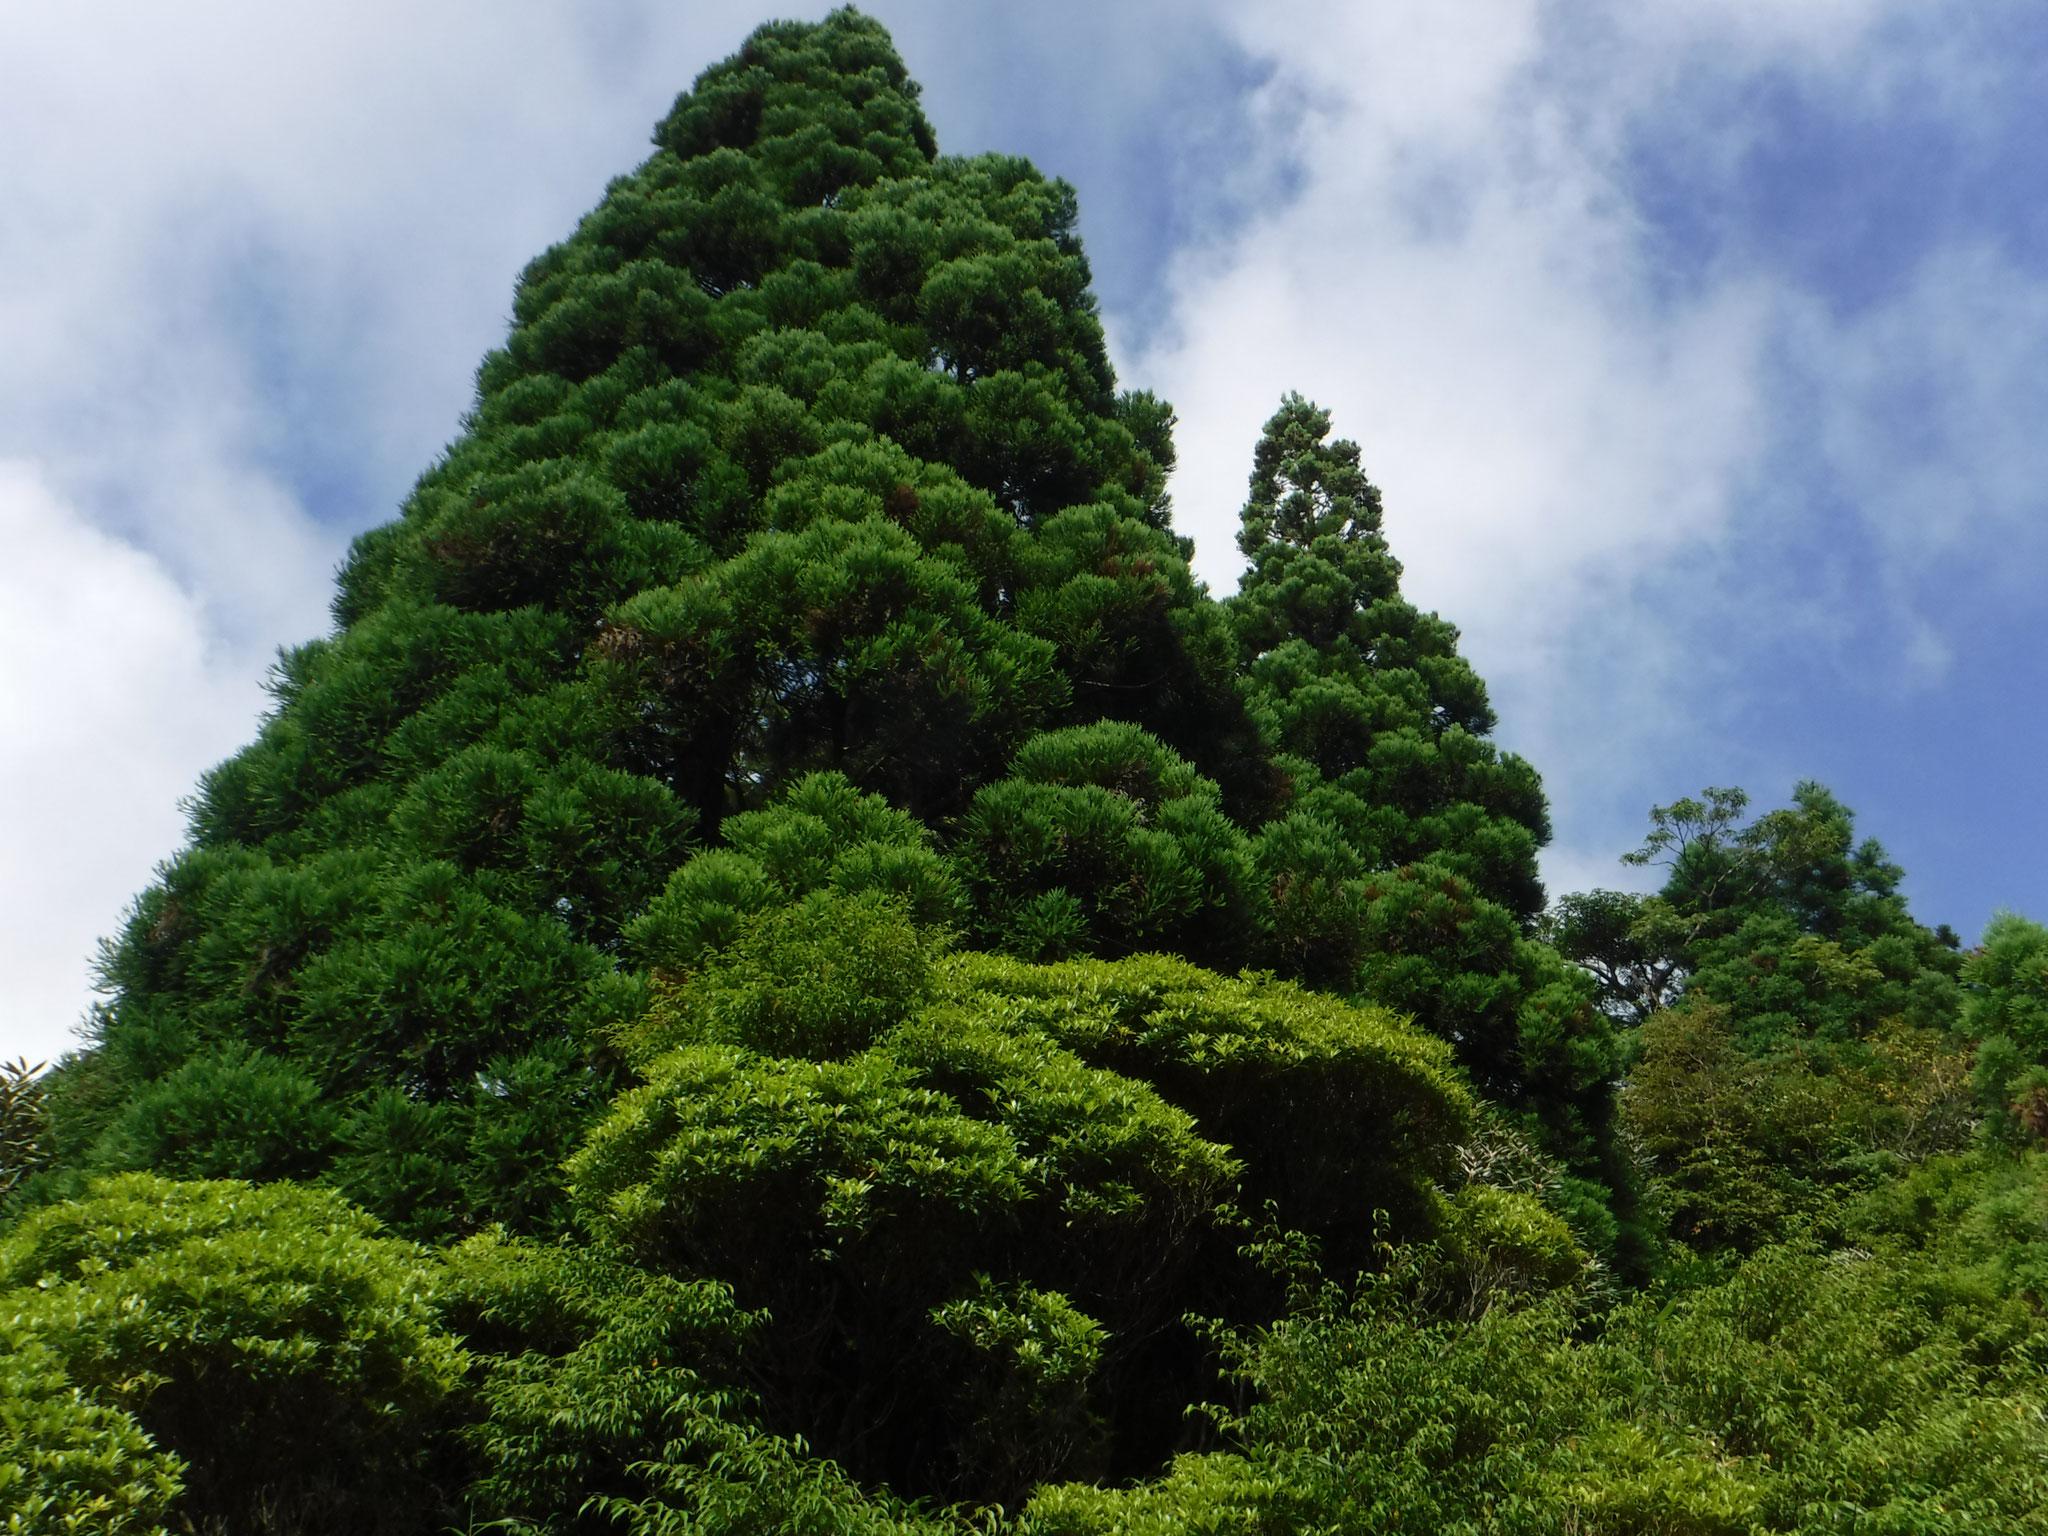 鹿之沢(シカのさわ)小屋周りの、剪定した様な美しい樹形